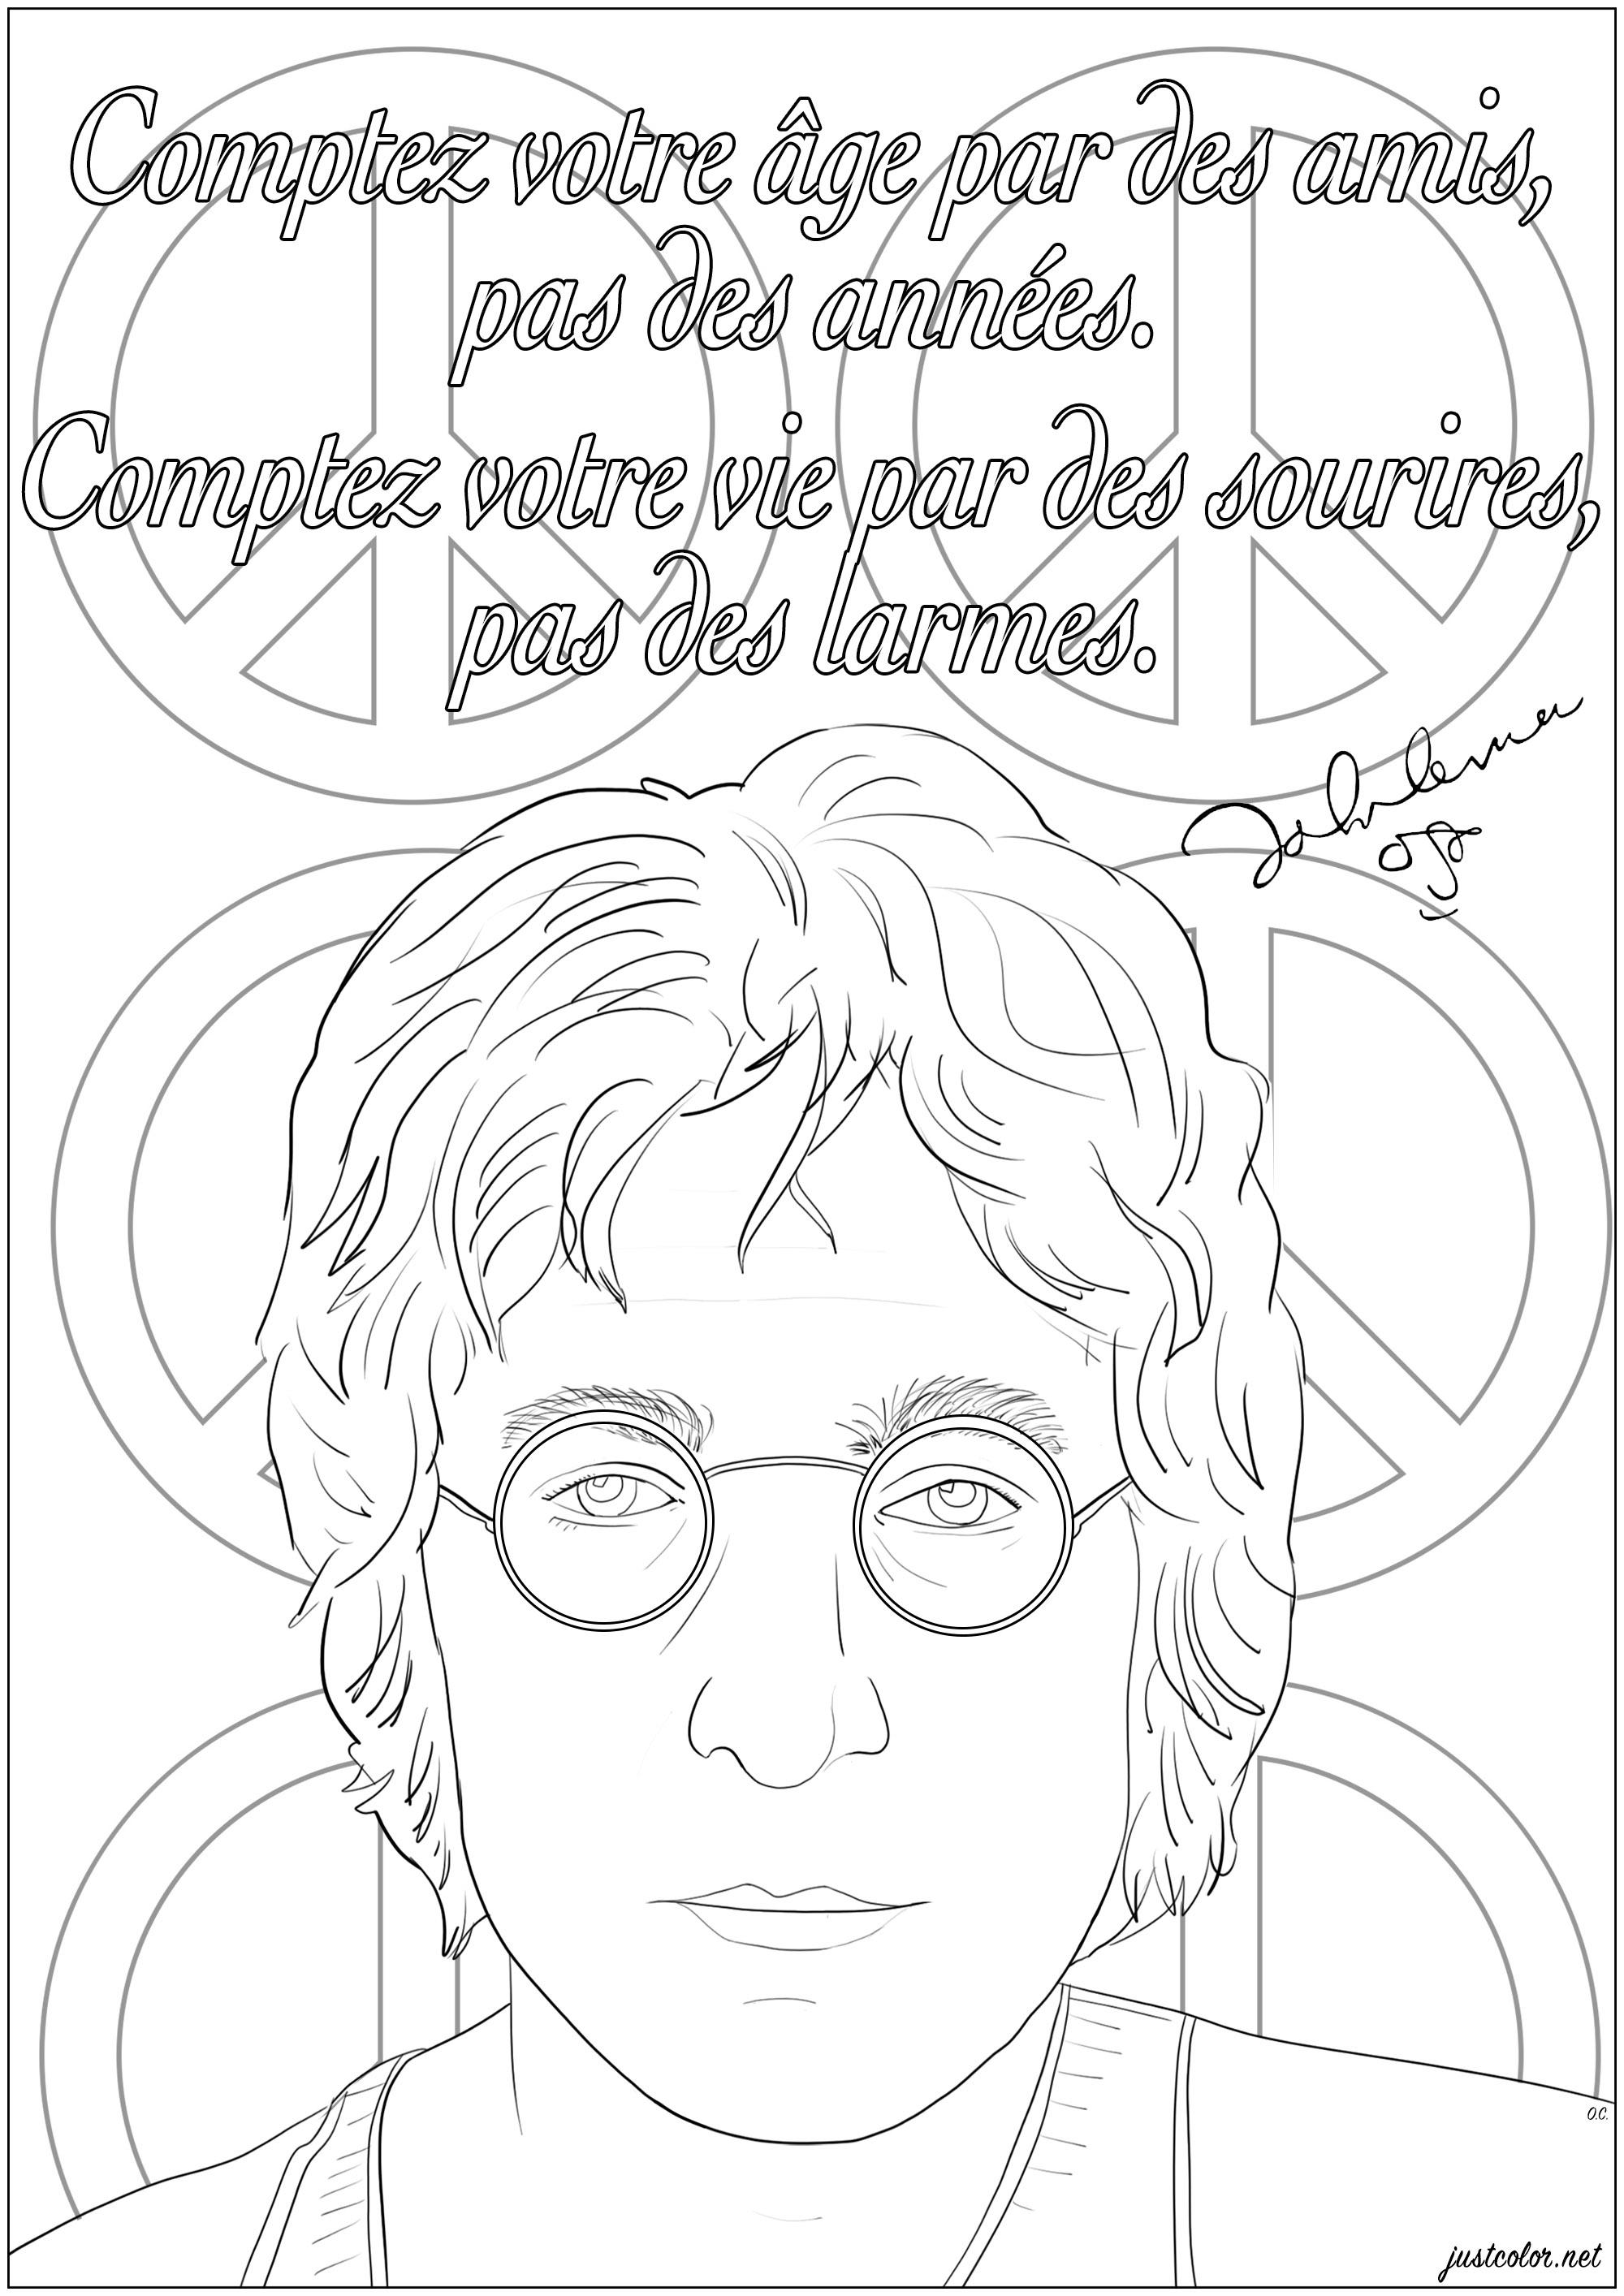 Coloriage d'un portrait de John Lennon avec sa citation : 'Comptez votre âge par des amis, pas des années. Comptez votre vie par des sourires, pas des larmes.'